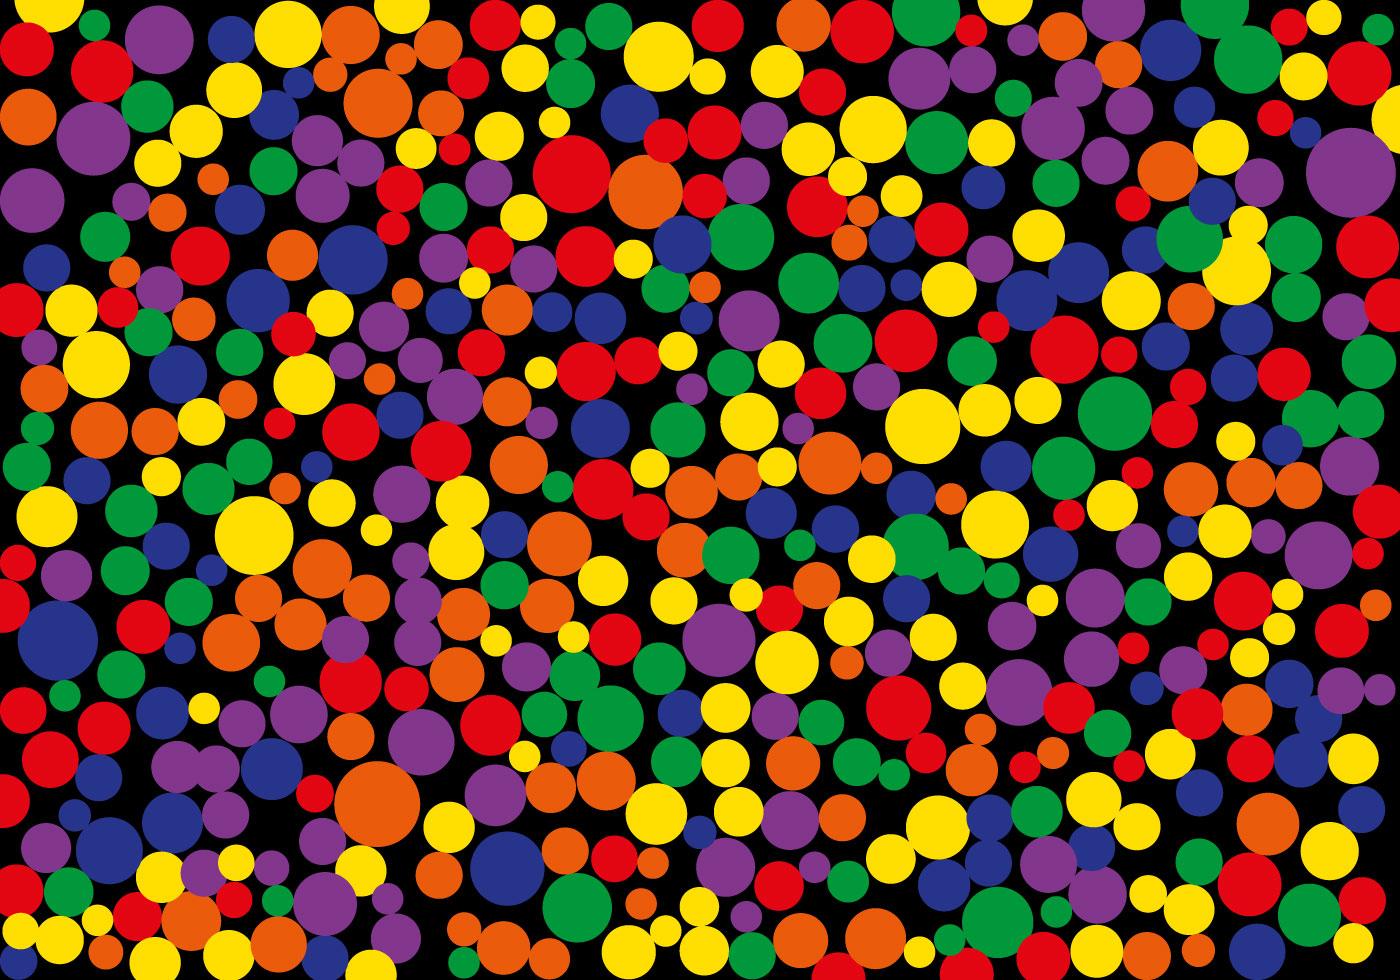 картинки с разноцветными точками это